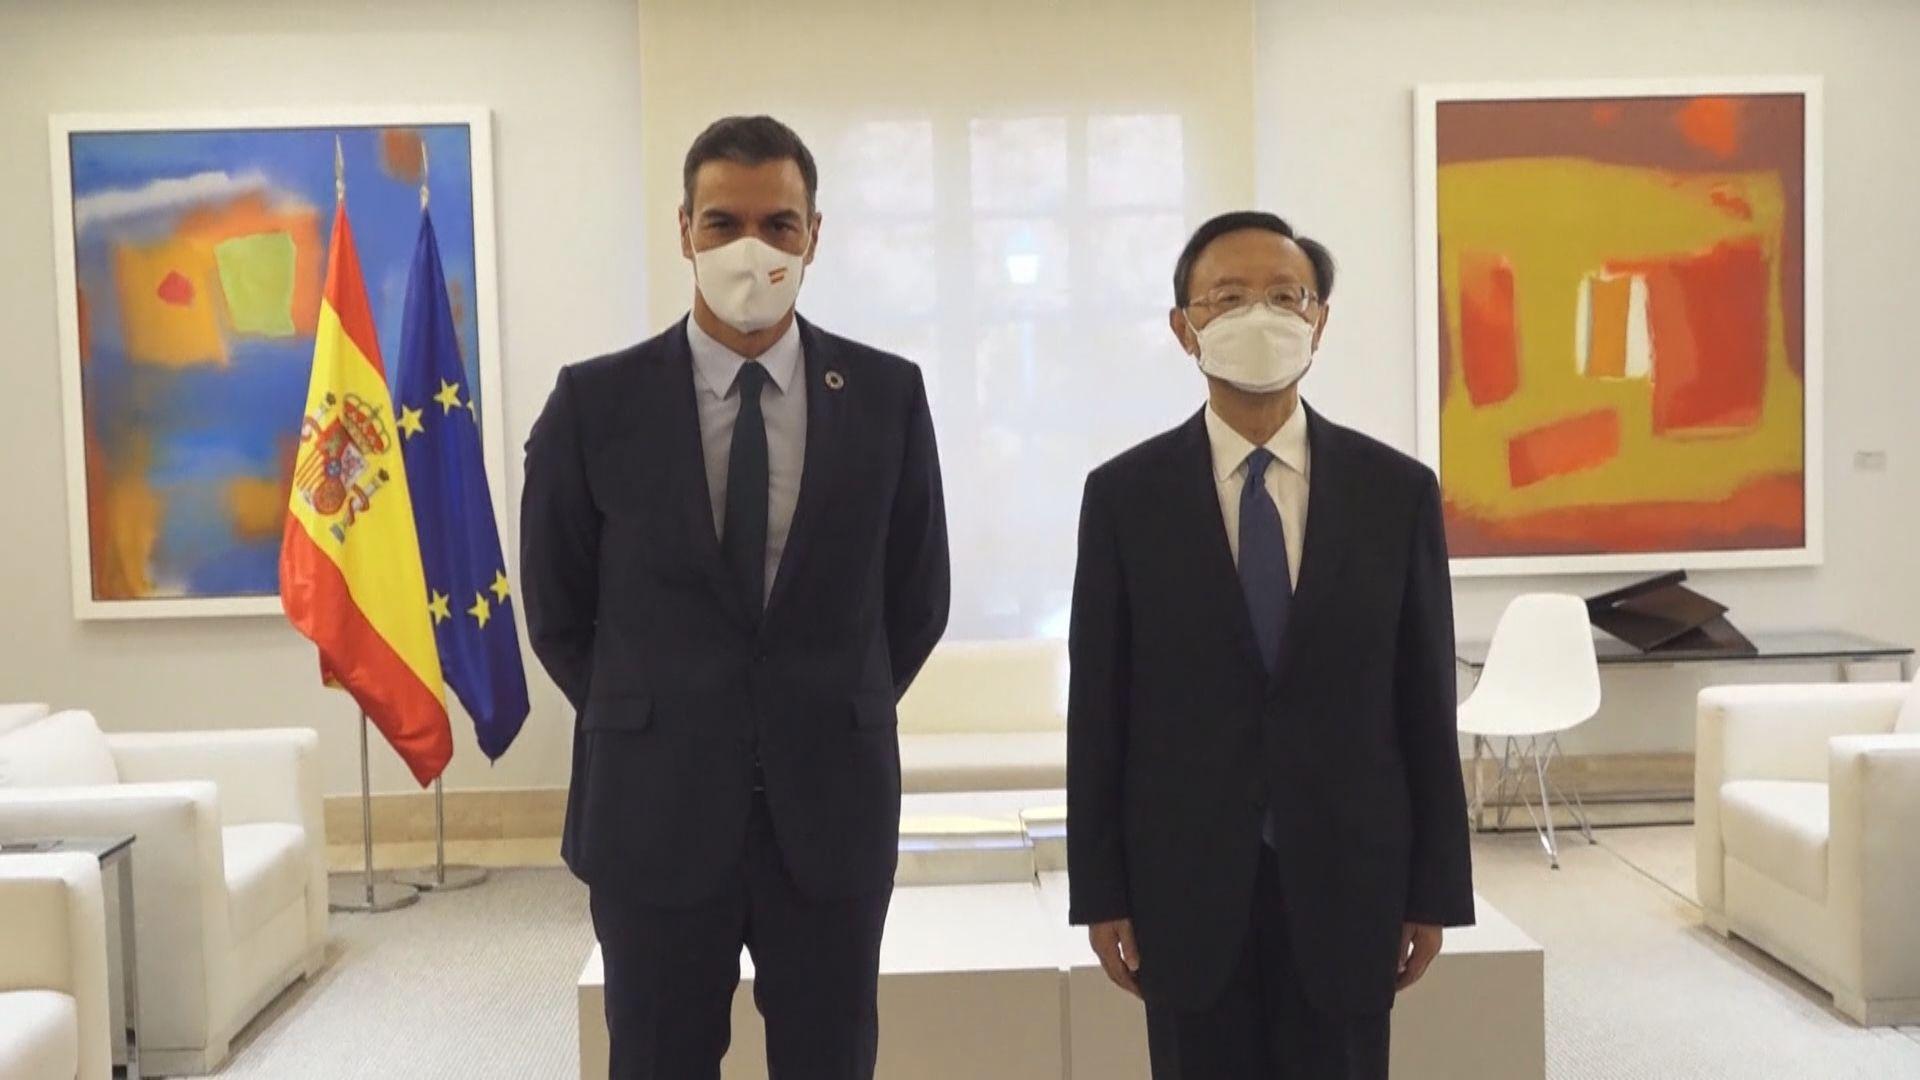 楊潔篪到訪西班牙晤首相桑切斯